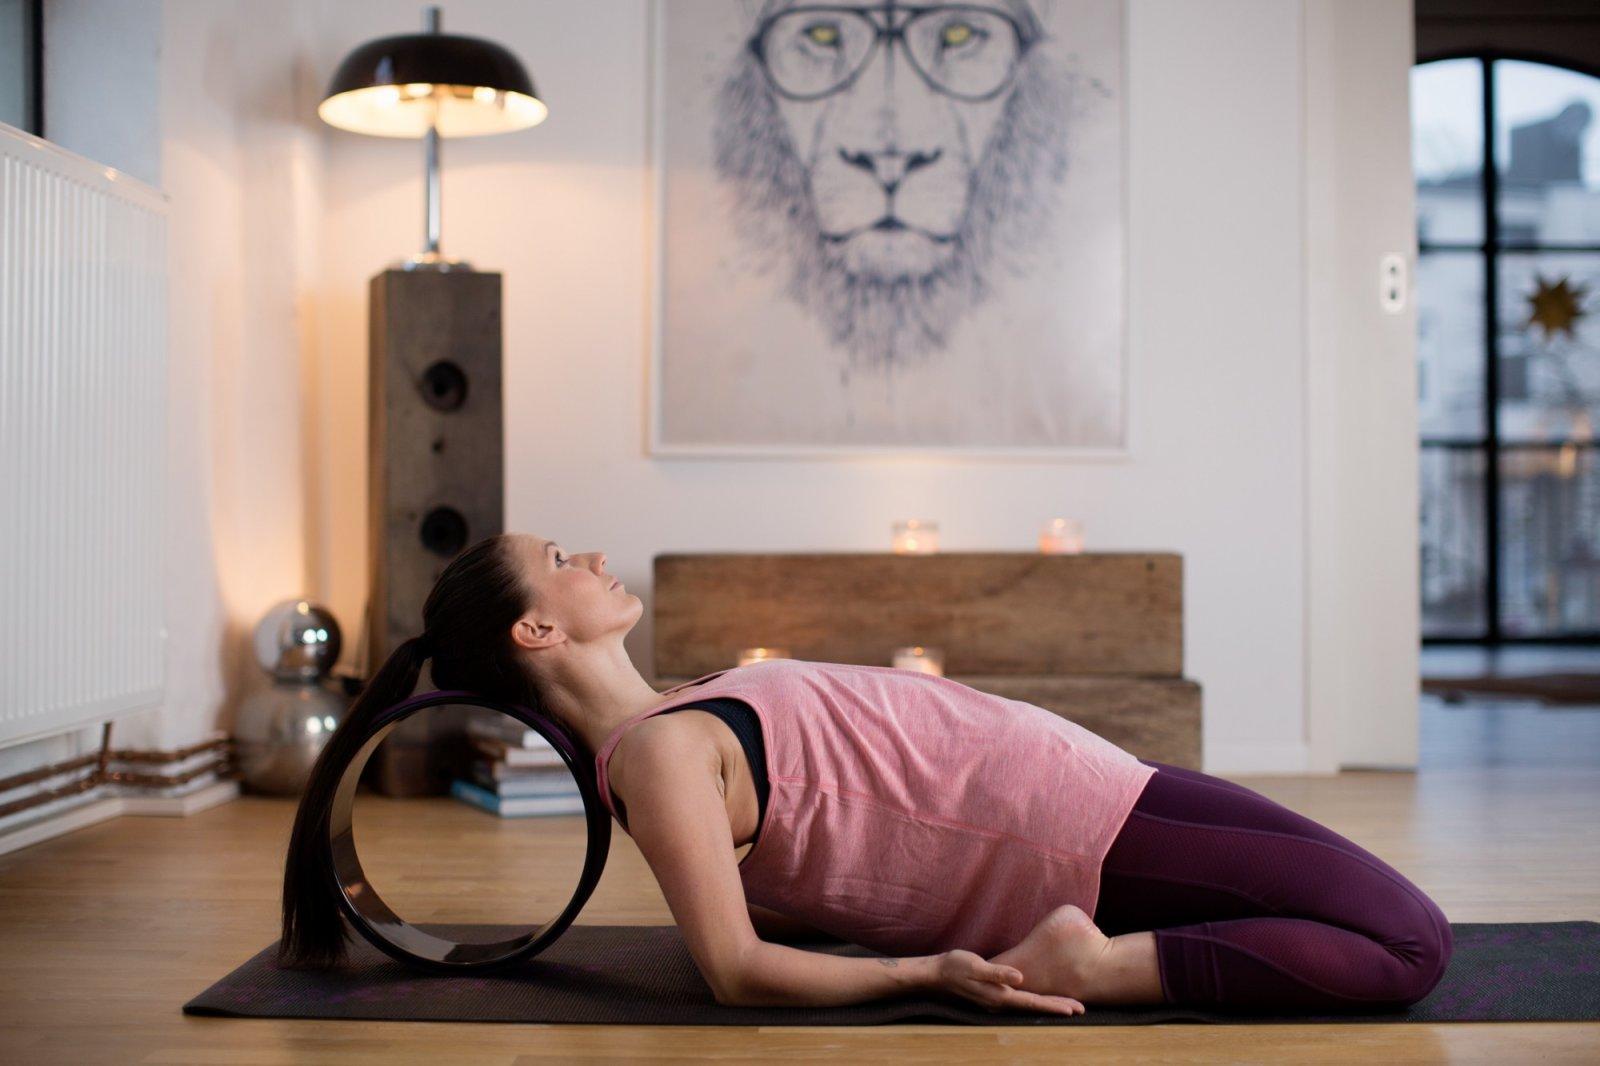 Mini Kühlschrank Mit Yoga : Yoga befitbeyou